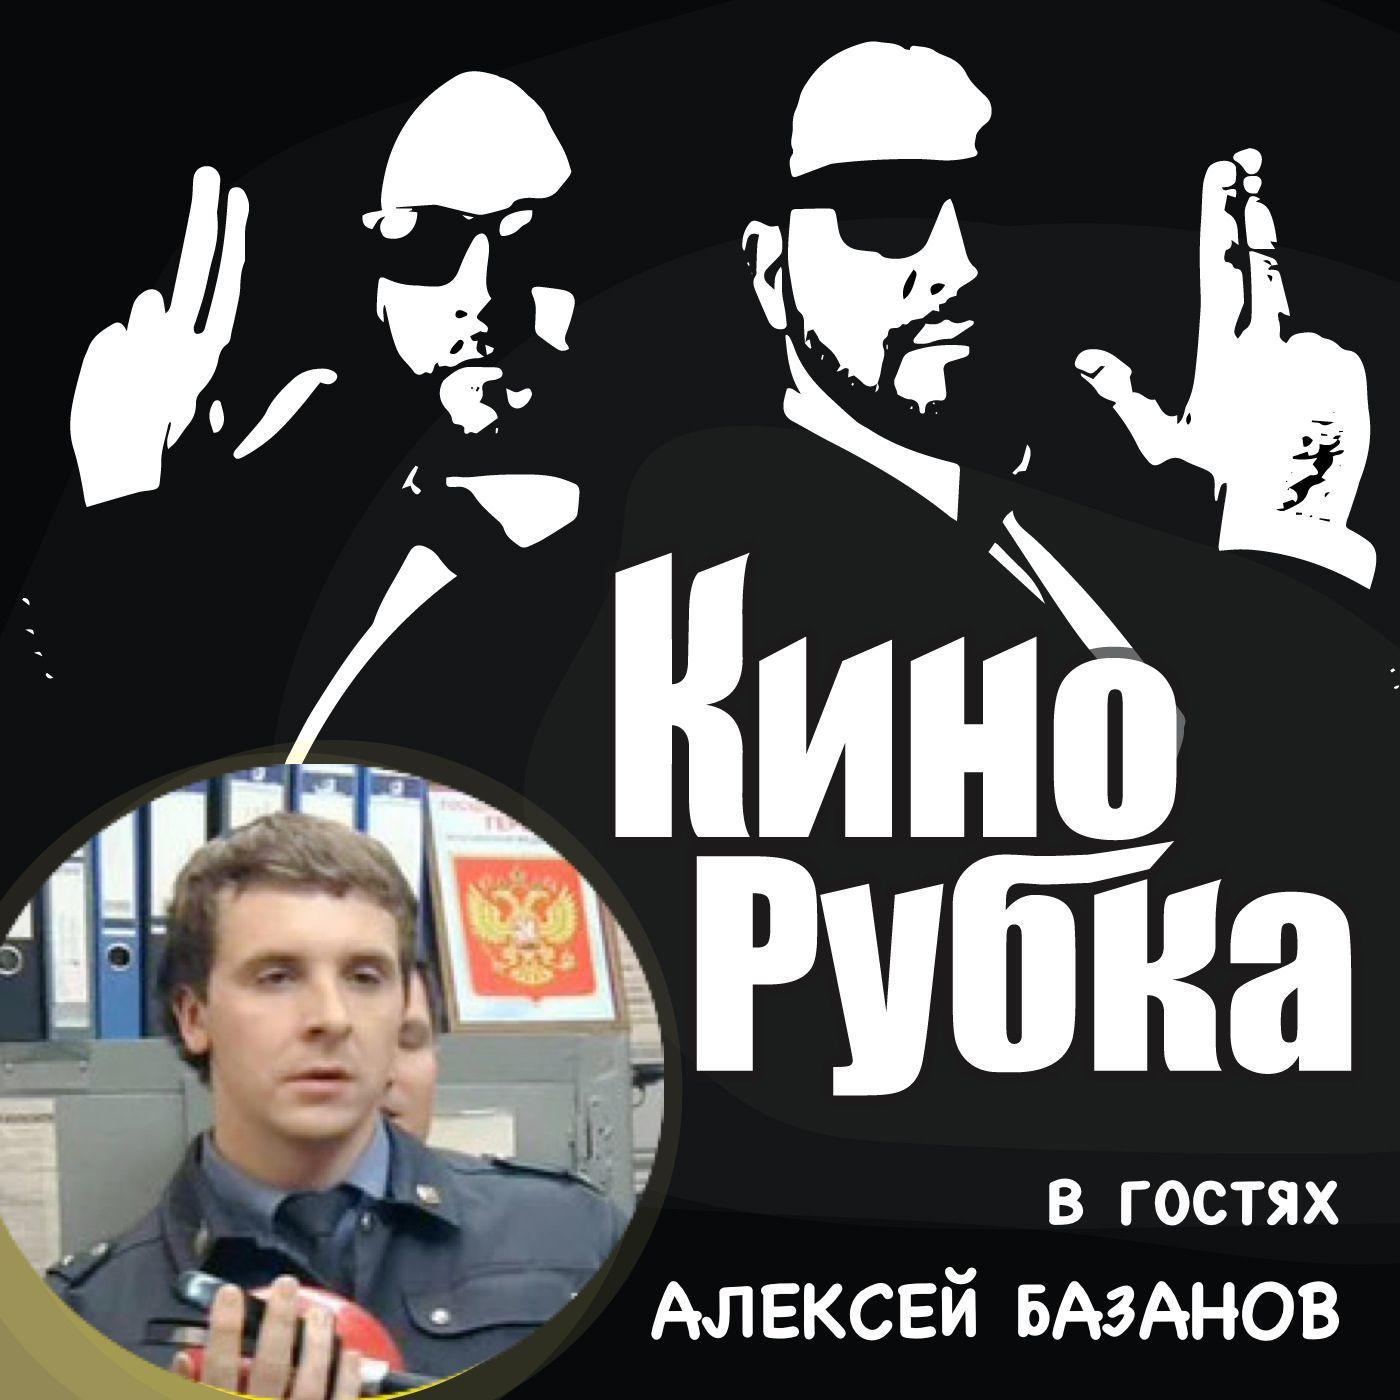 Актер кино Алексей Базанов